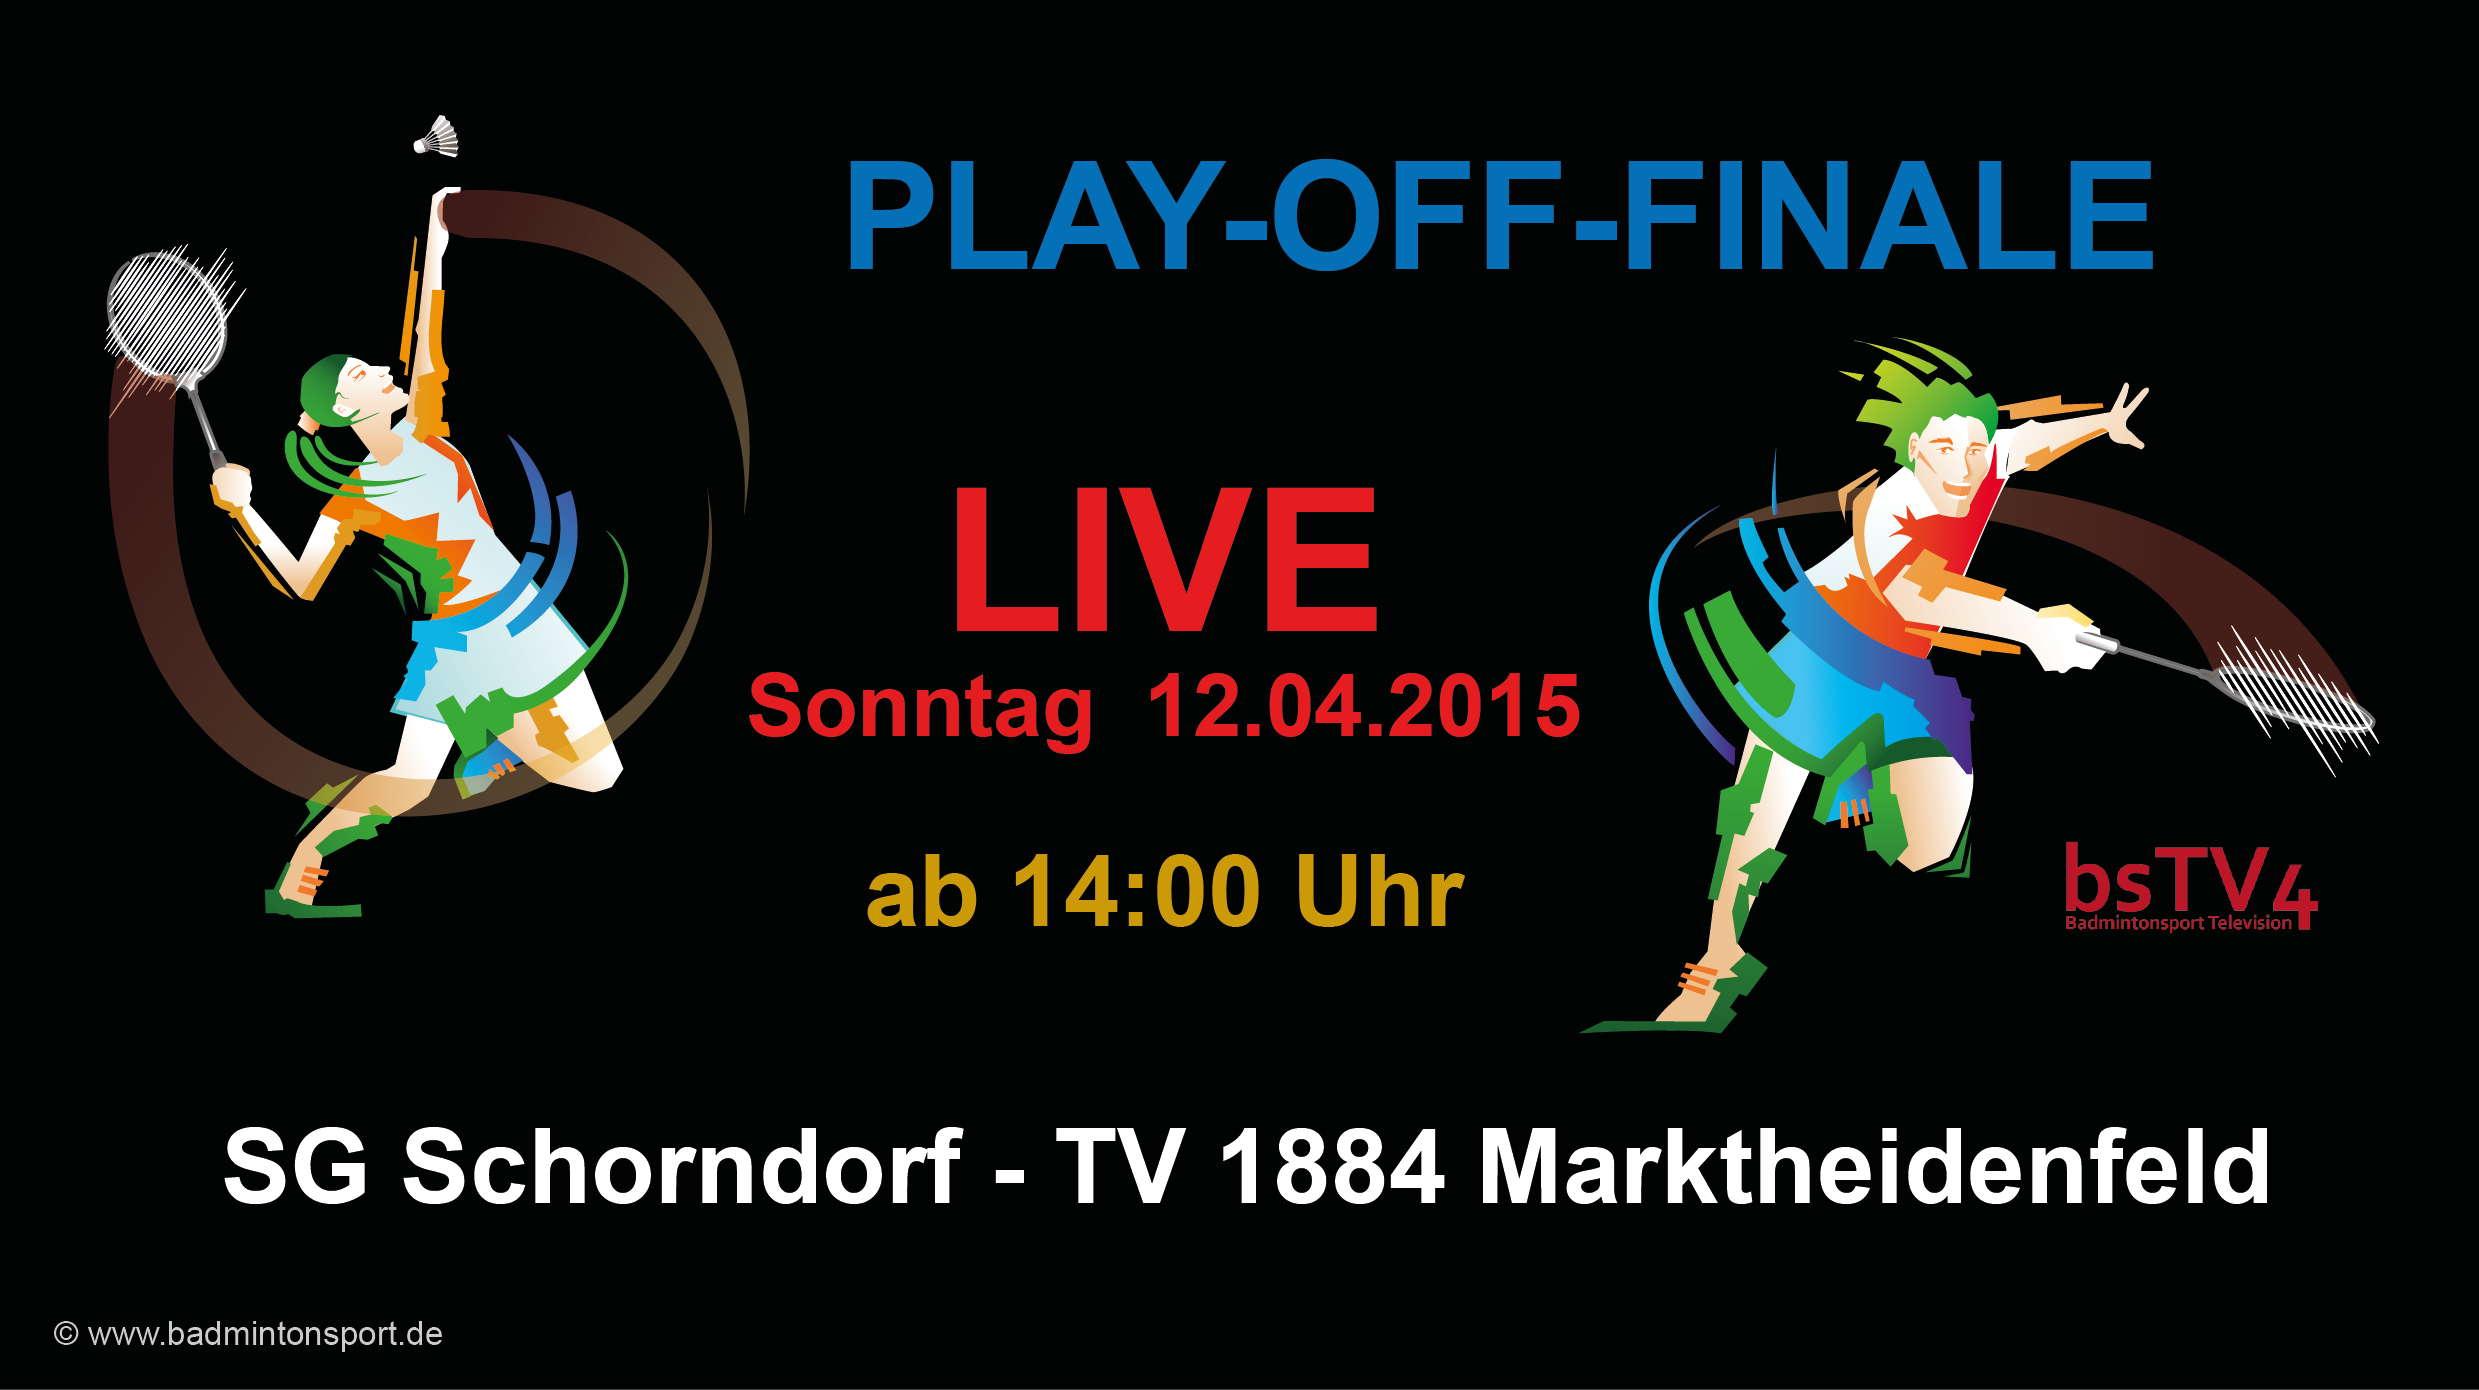 PLAY-OFF-FINALE: 12.04.2015 14:00 Uhr SG Schorndorf – TV 1884 Marktheidenfeld